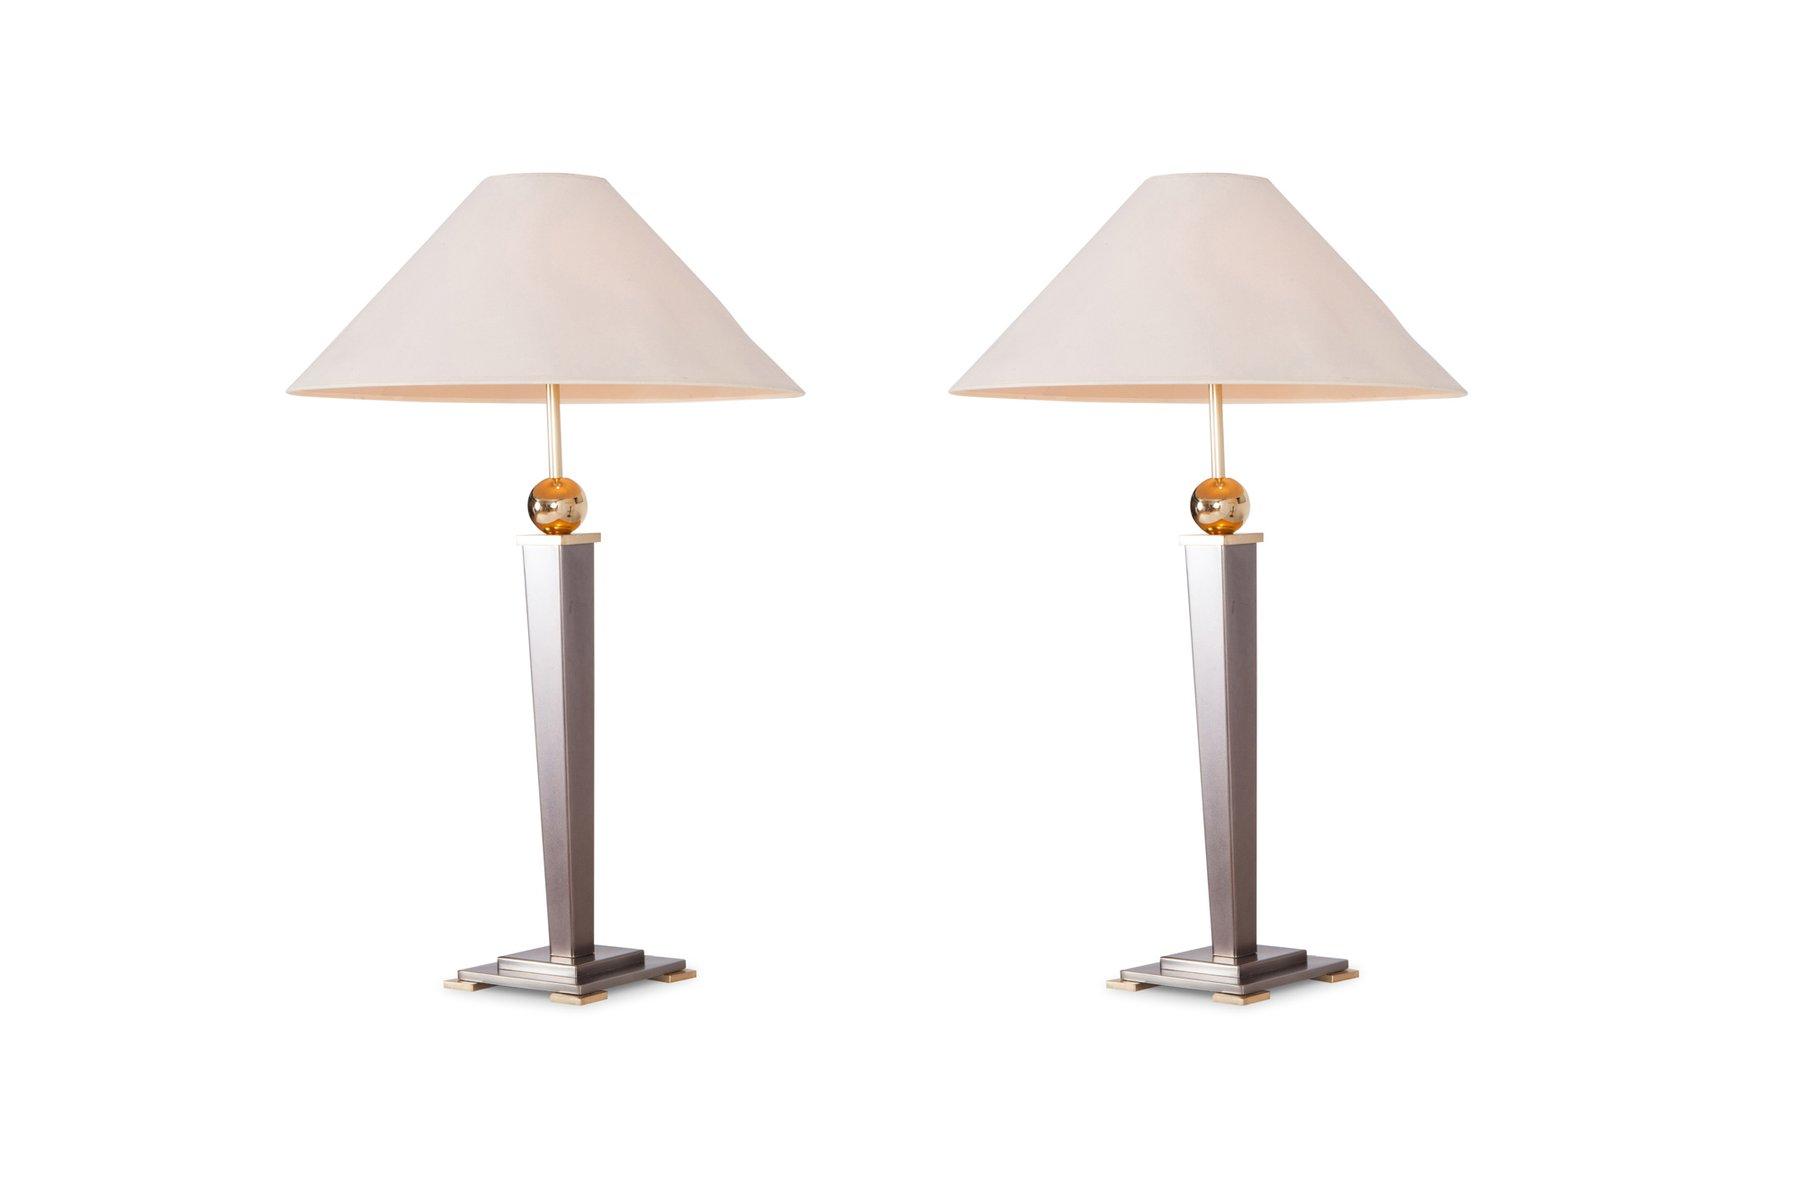 Vintage Tischlampen aus gebürstetem Stahl von Belgo Chrom, 2er Set